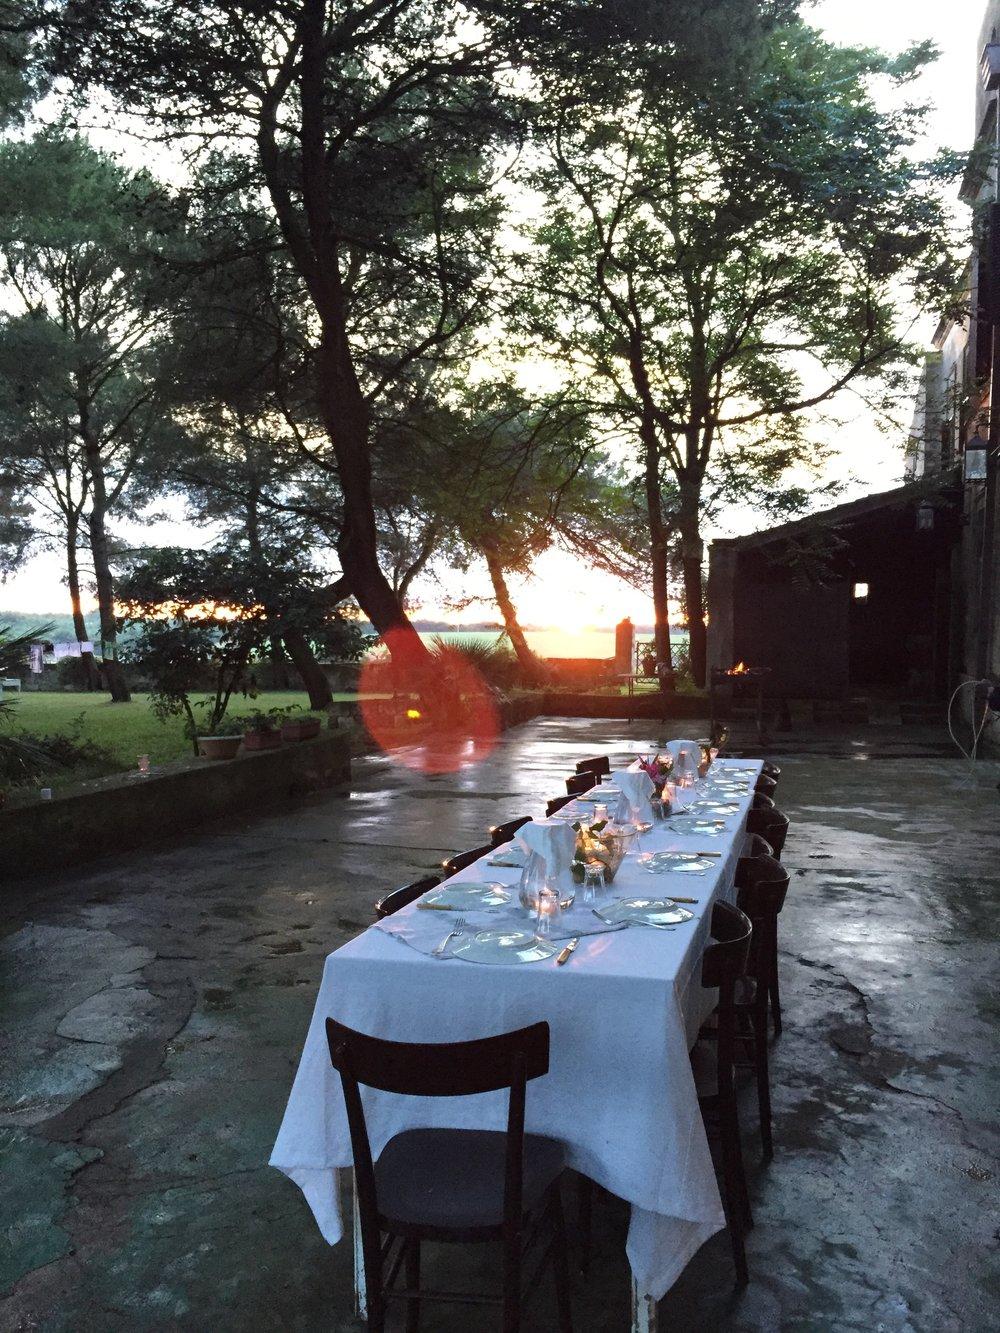 Altamura, Italy